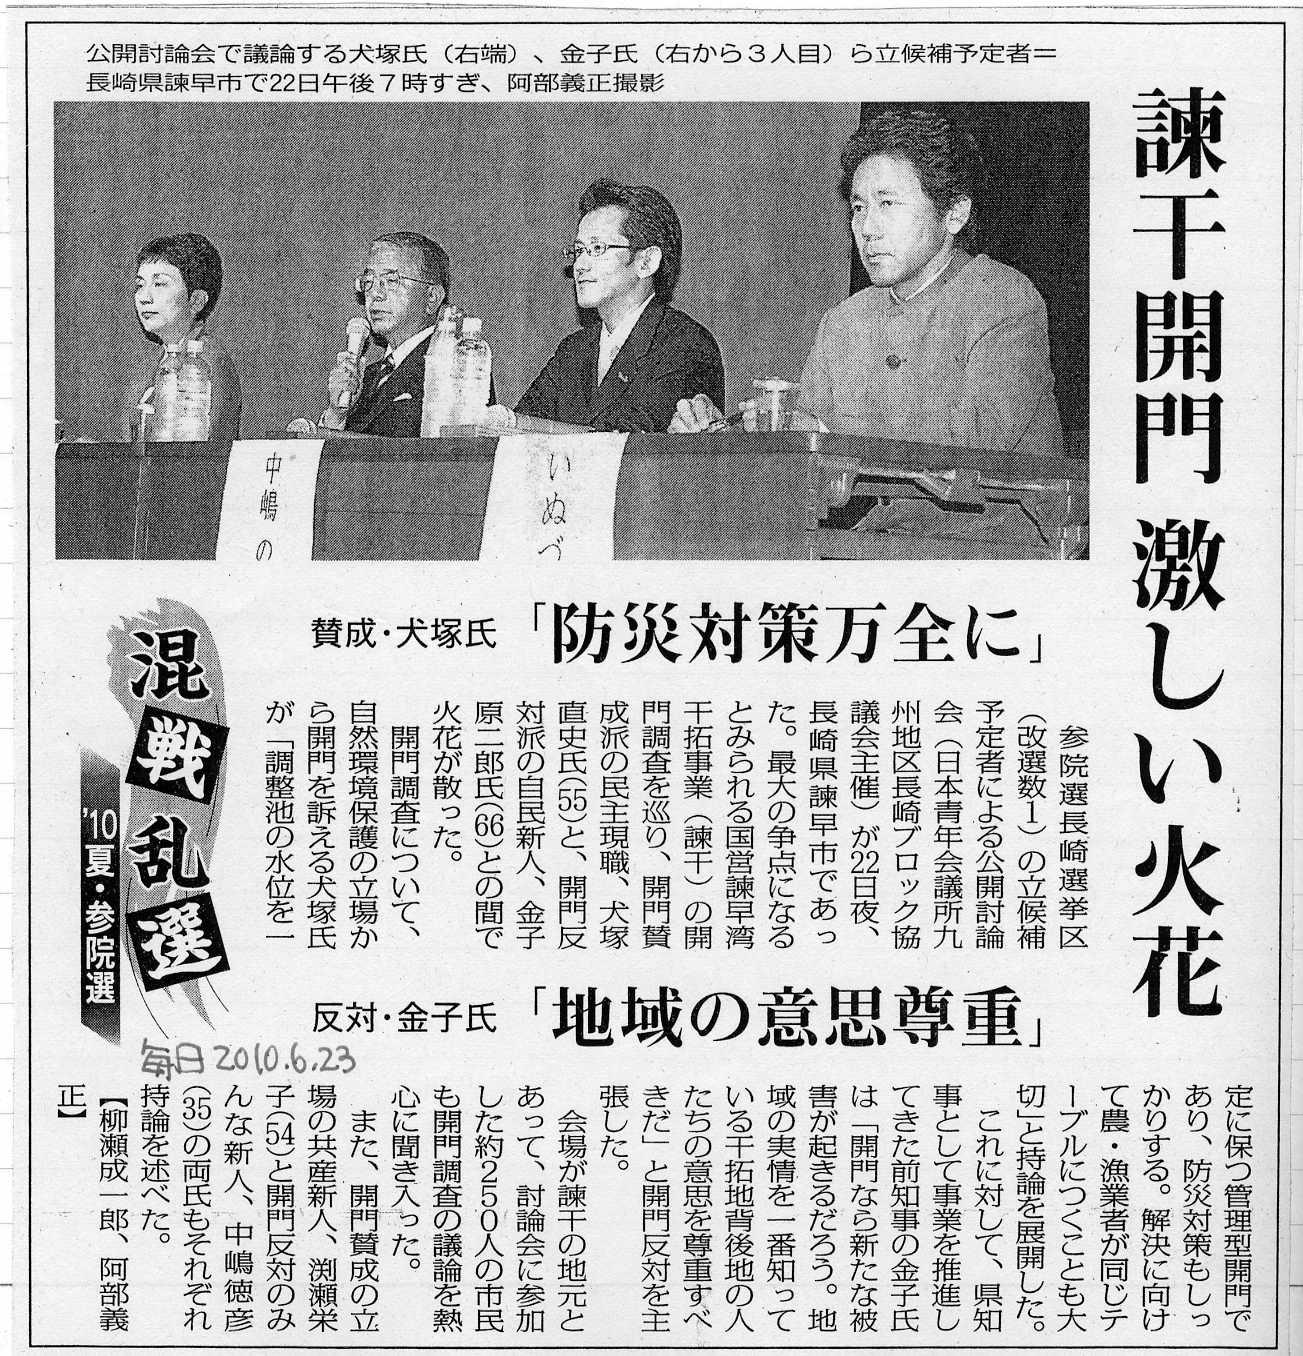 公開討論会詳報_c0052876_1193436.jpg